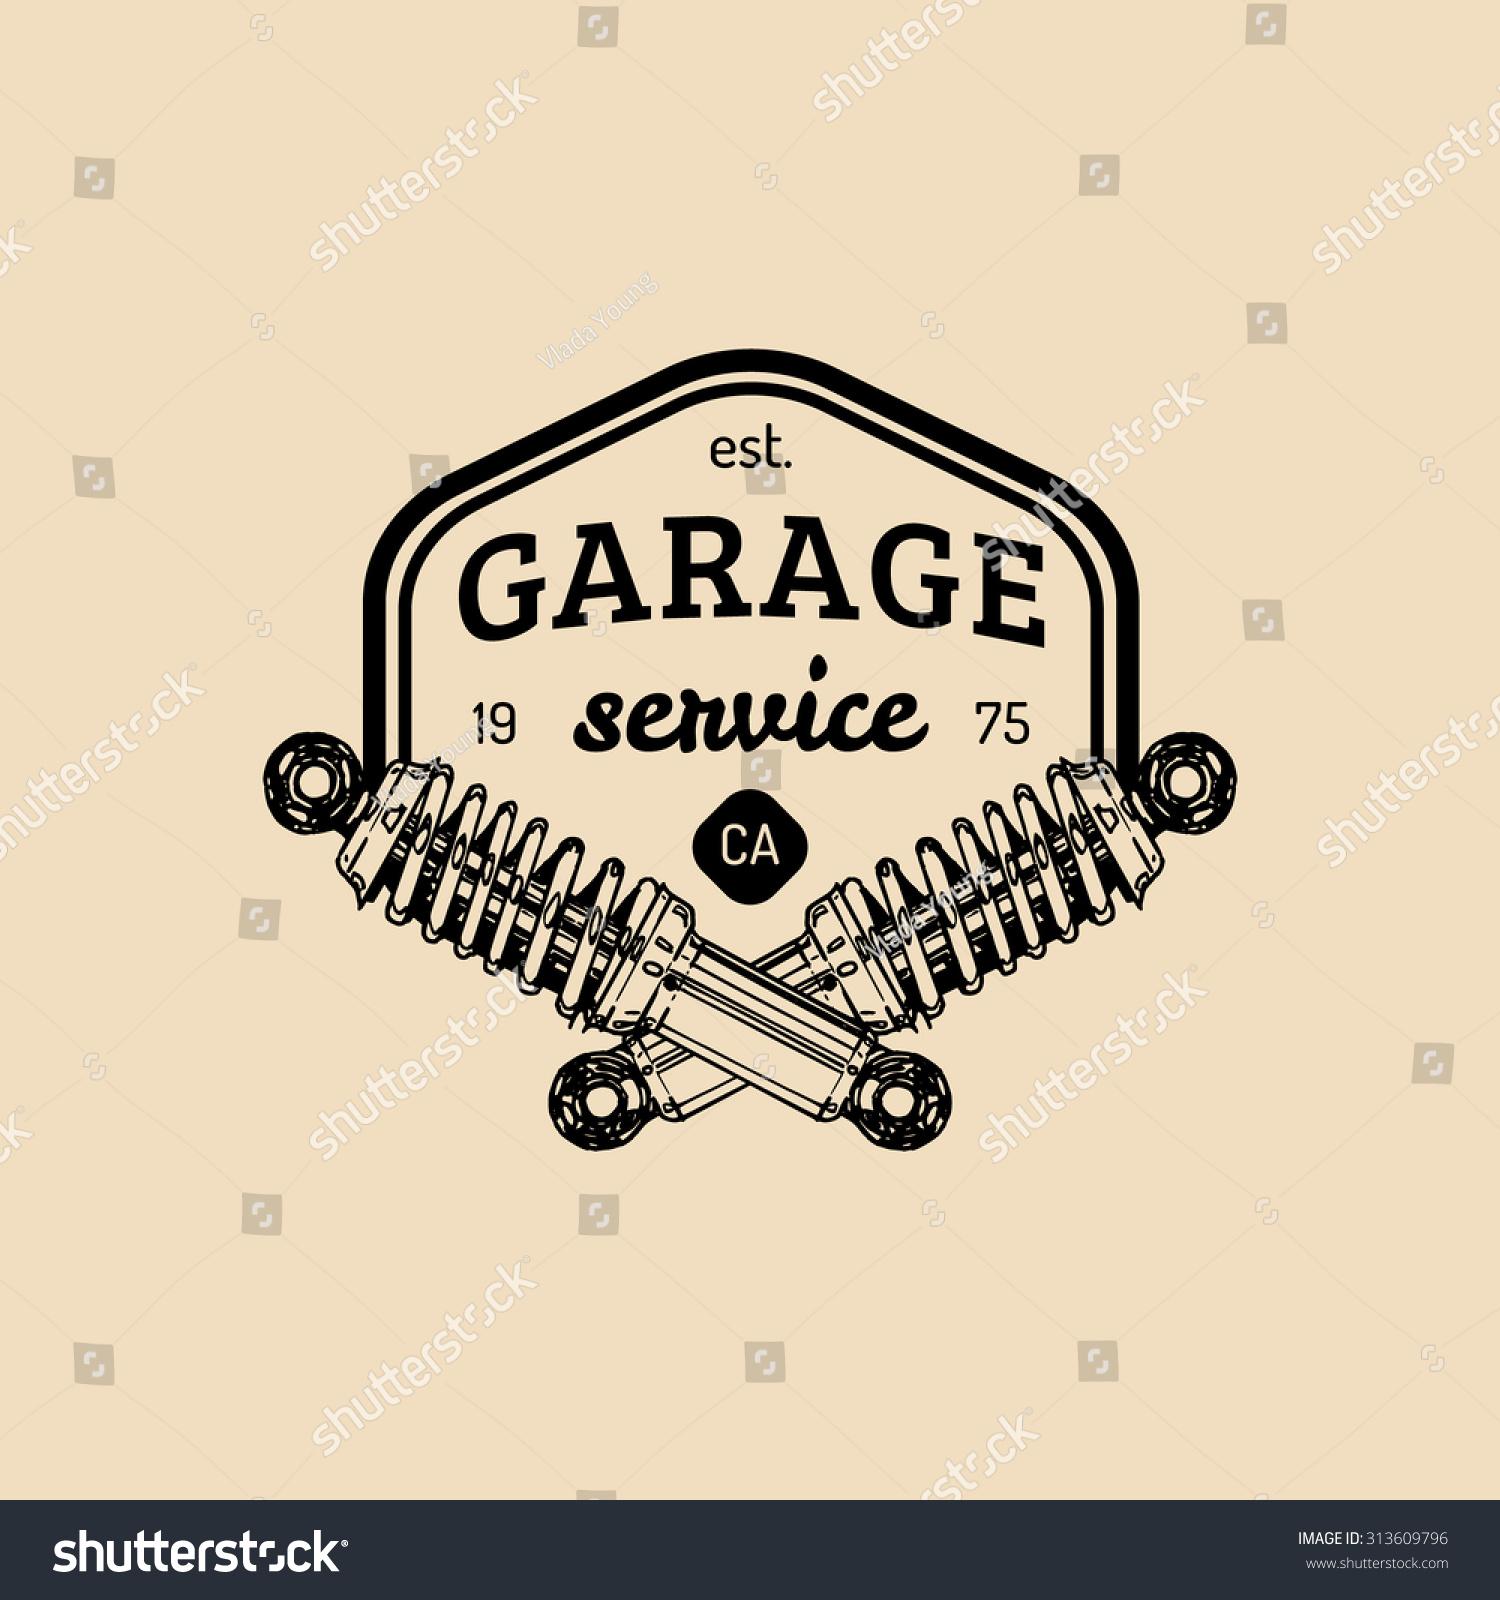 car repair logo vector vintage garage logo vintage car